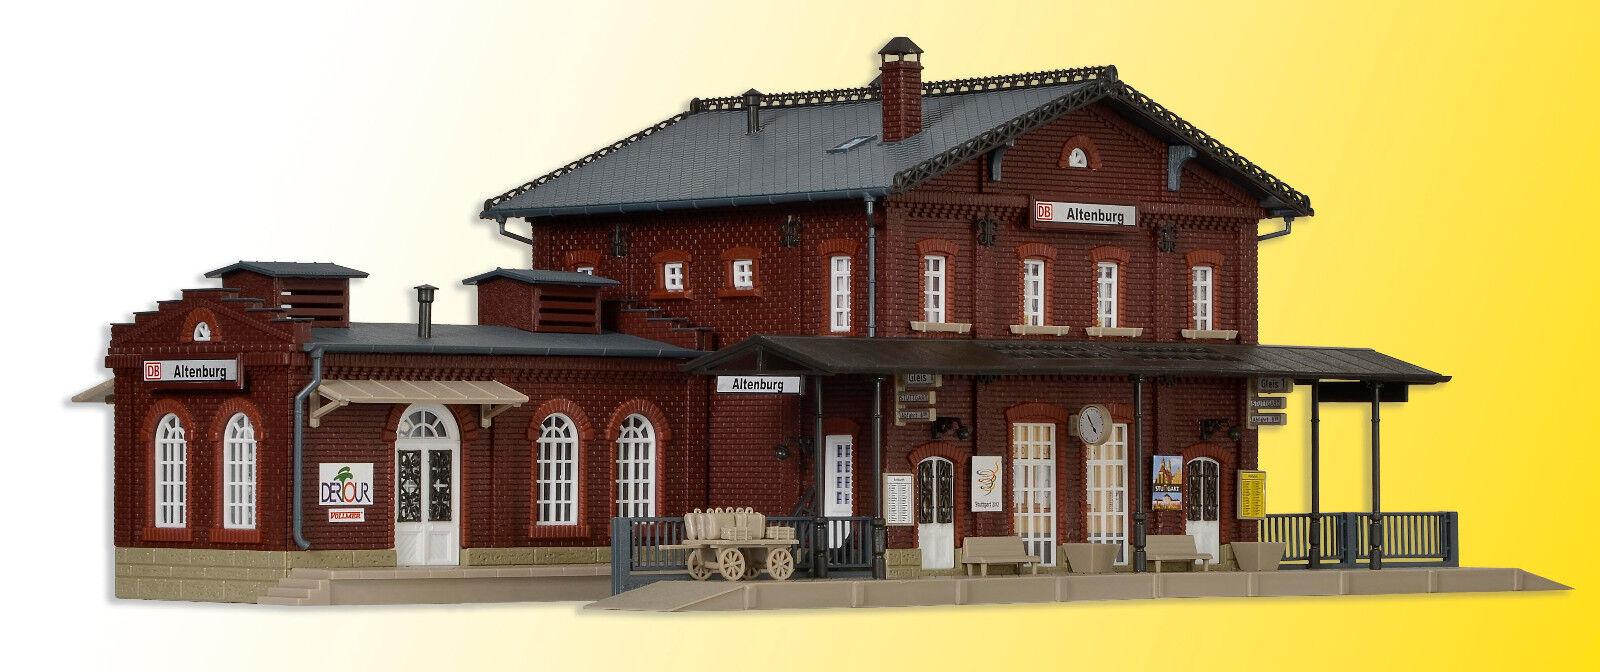 VOLLMER 43509 h0 traccia, della stazione Altenburg  neu in OVP